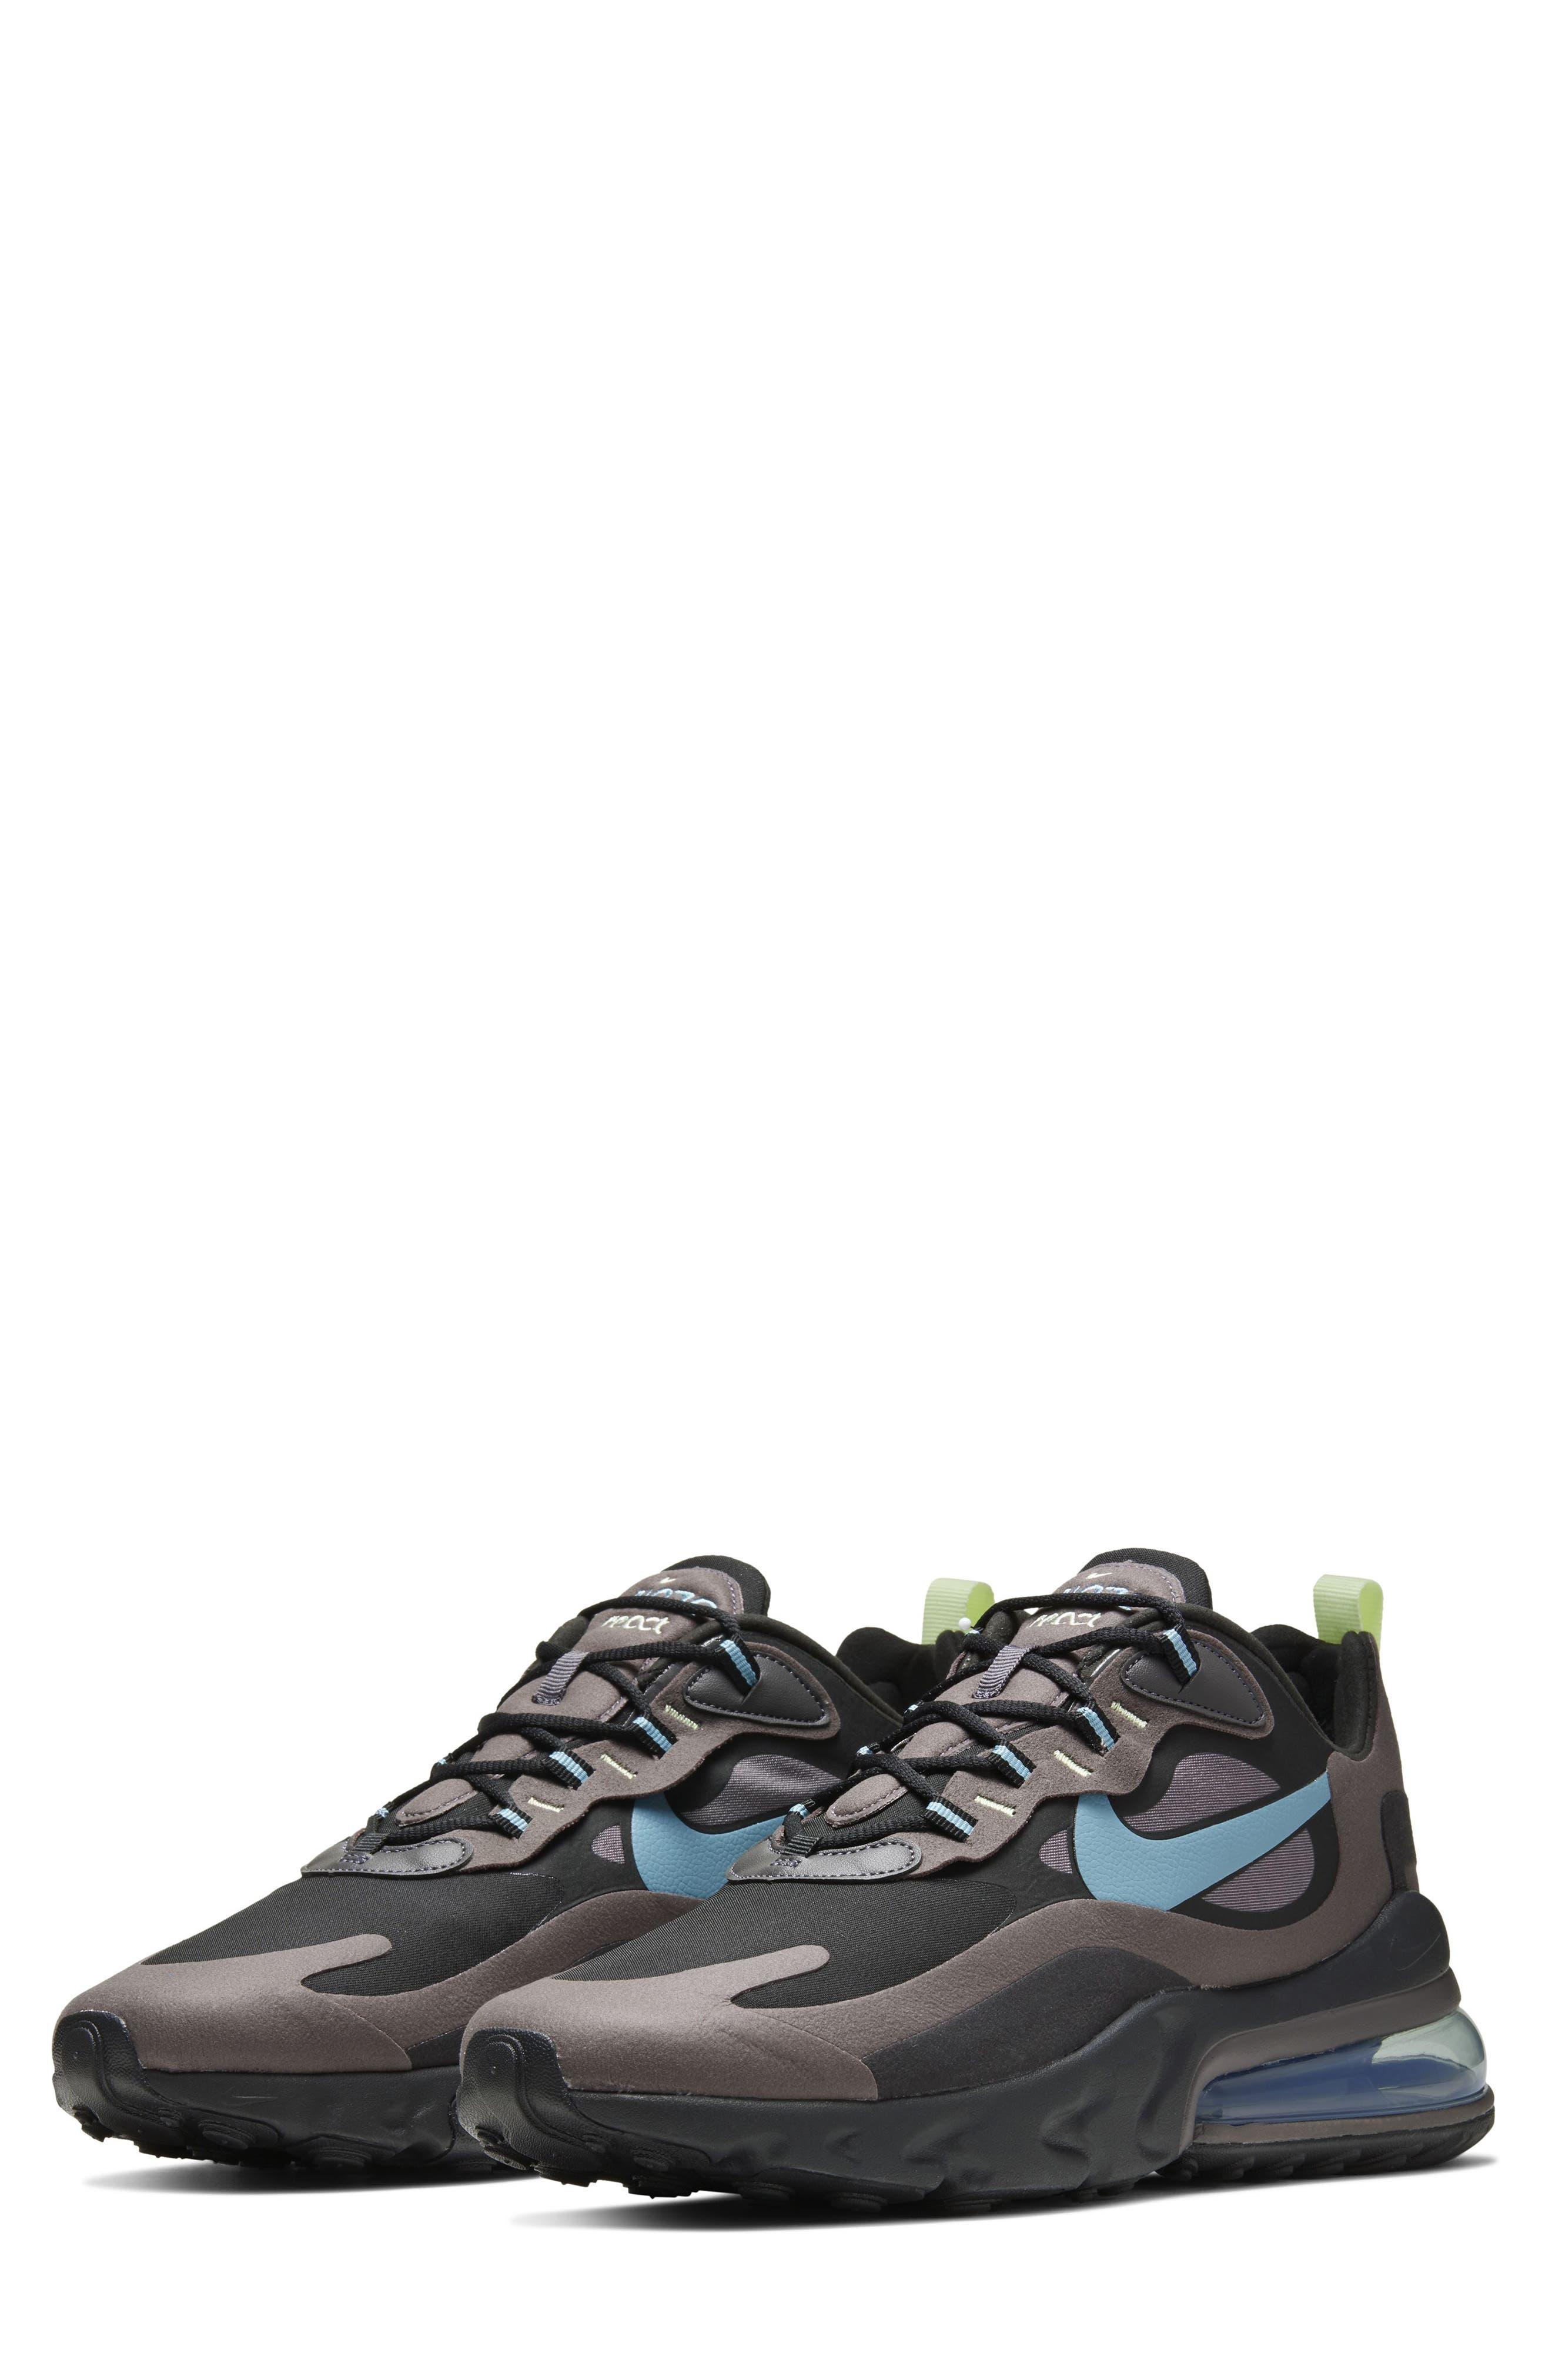 Men's Nike Air Max 270 React Sneaker